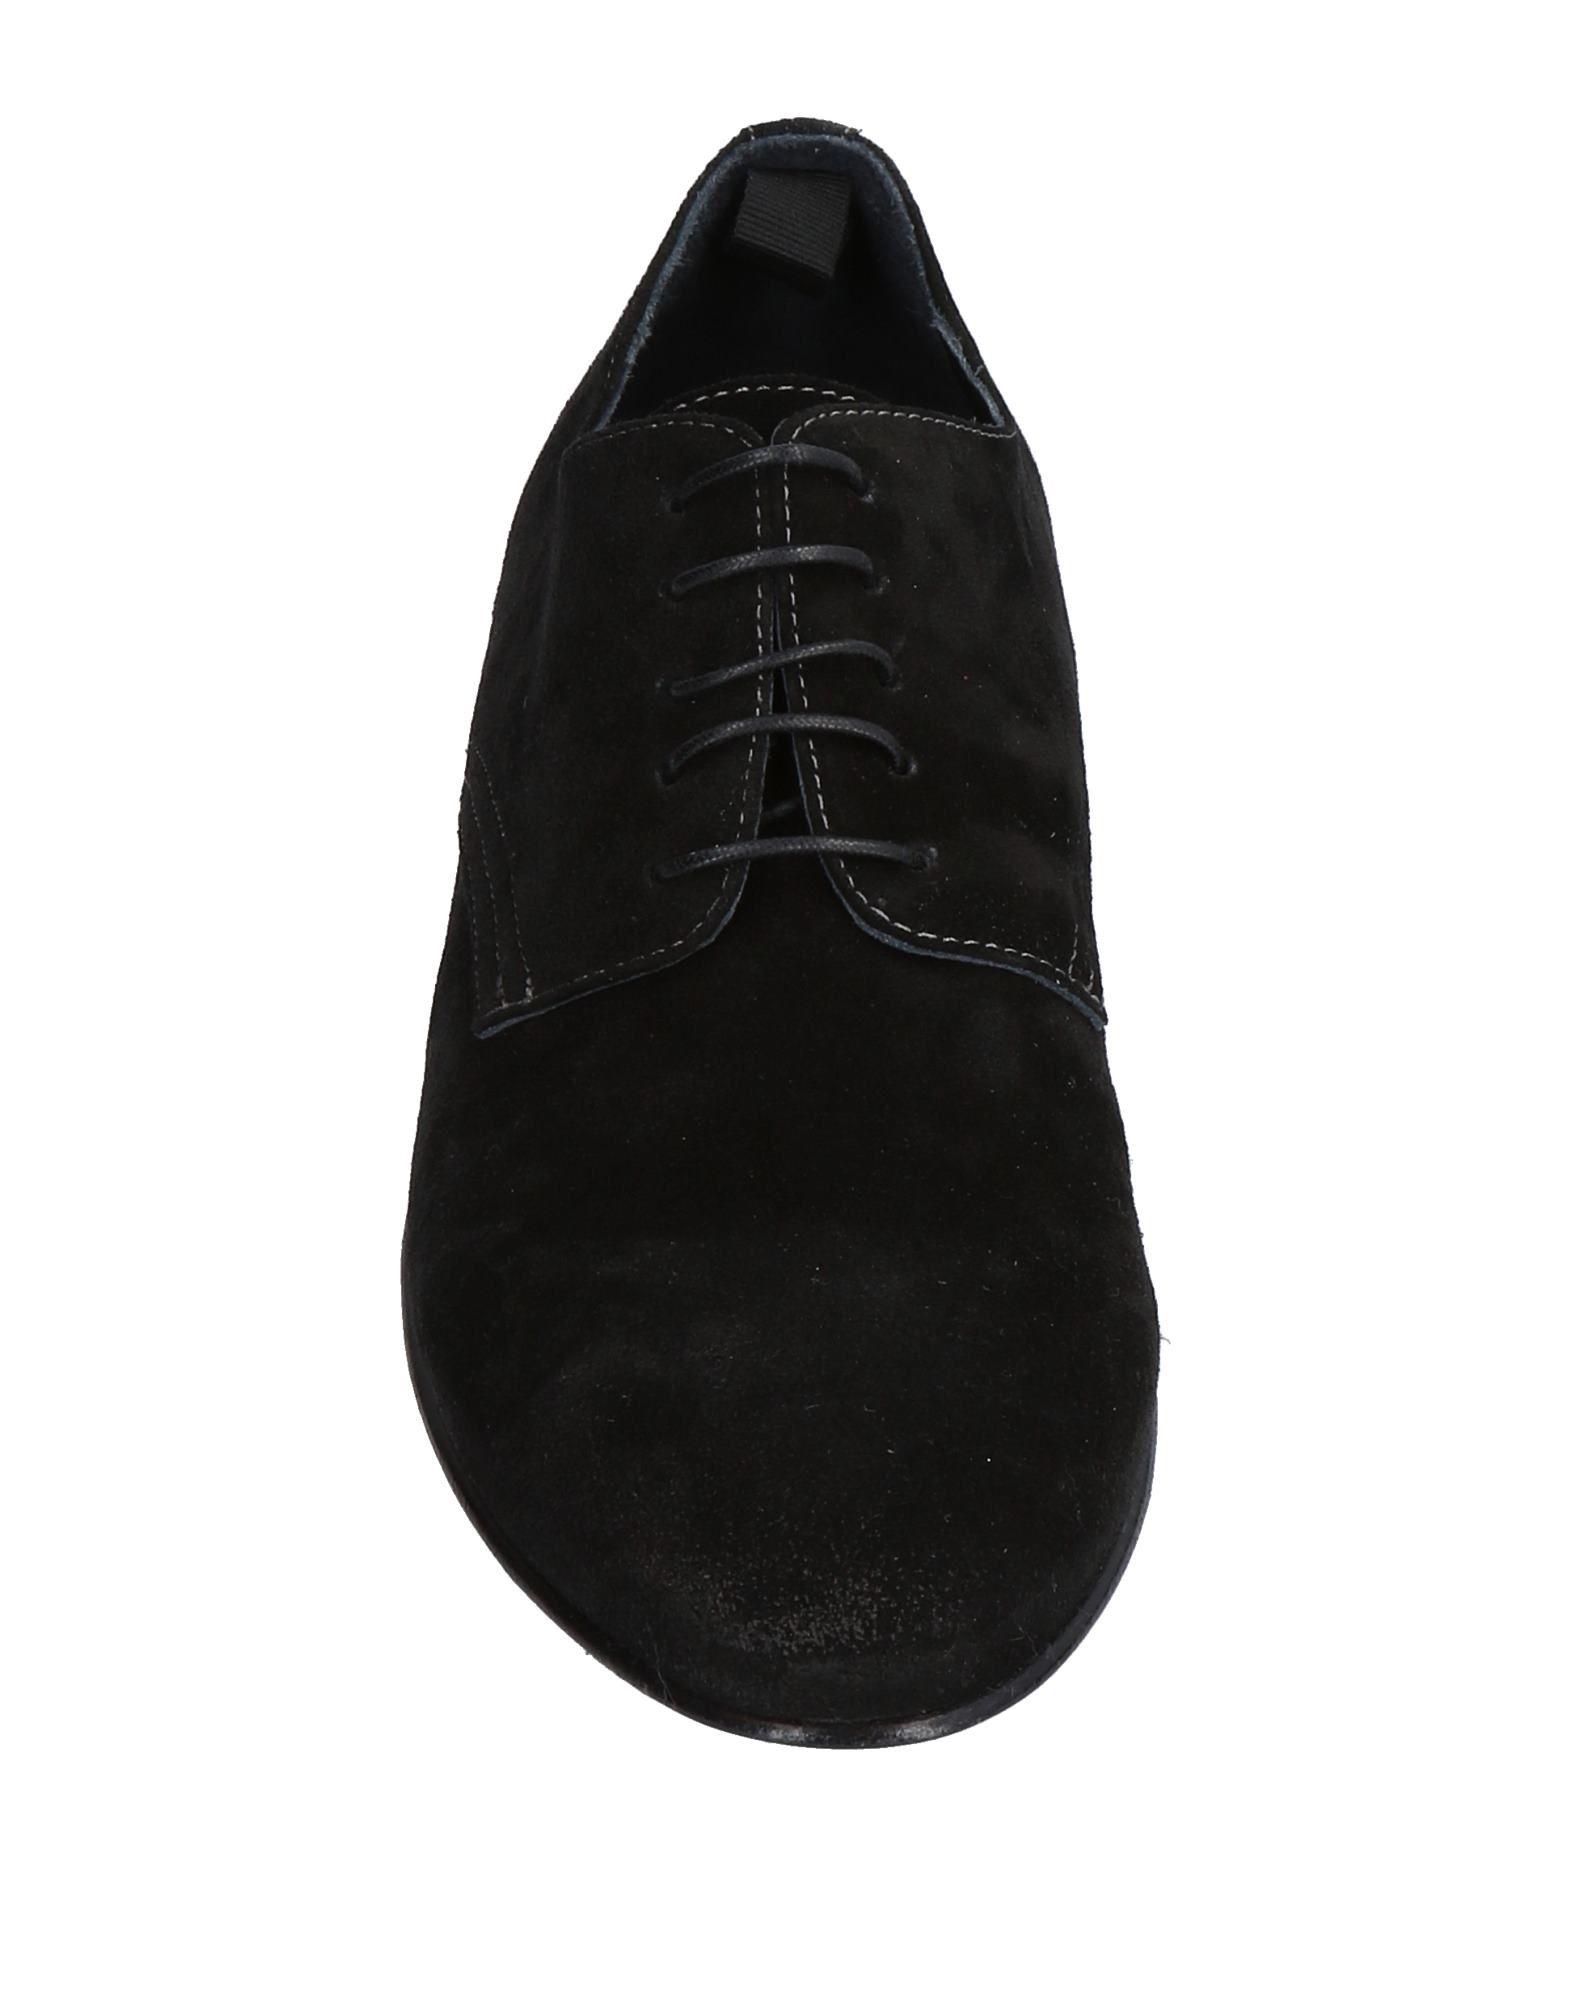 Alexander Hotto Gute Schnürschuhe Herren  11473972JI Gute Hotto Qualität beliebte Schuhe 99a6b9